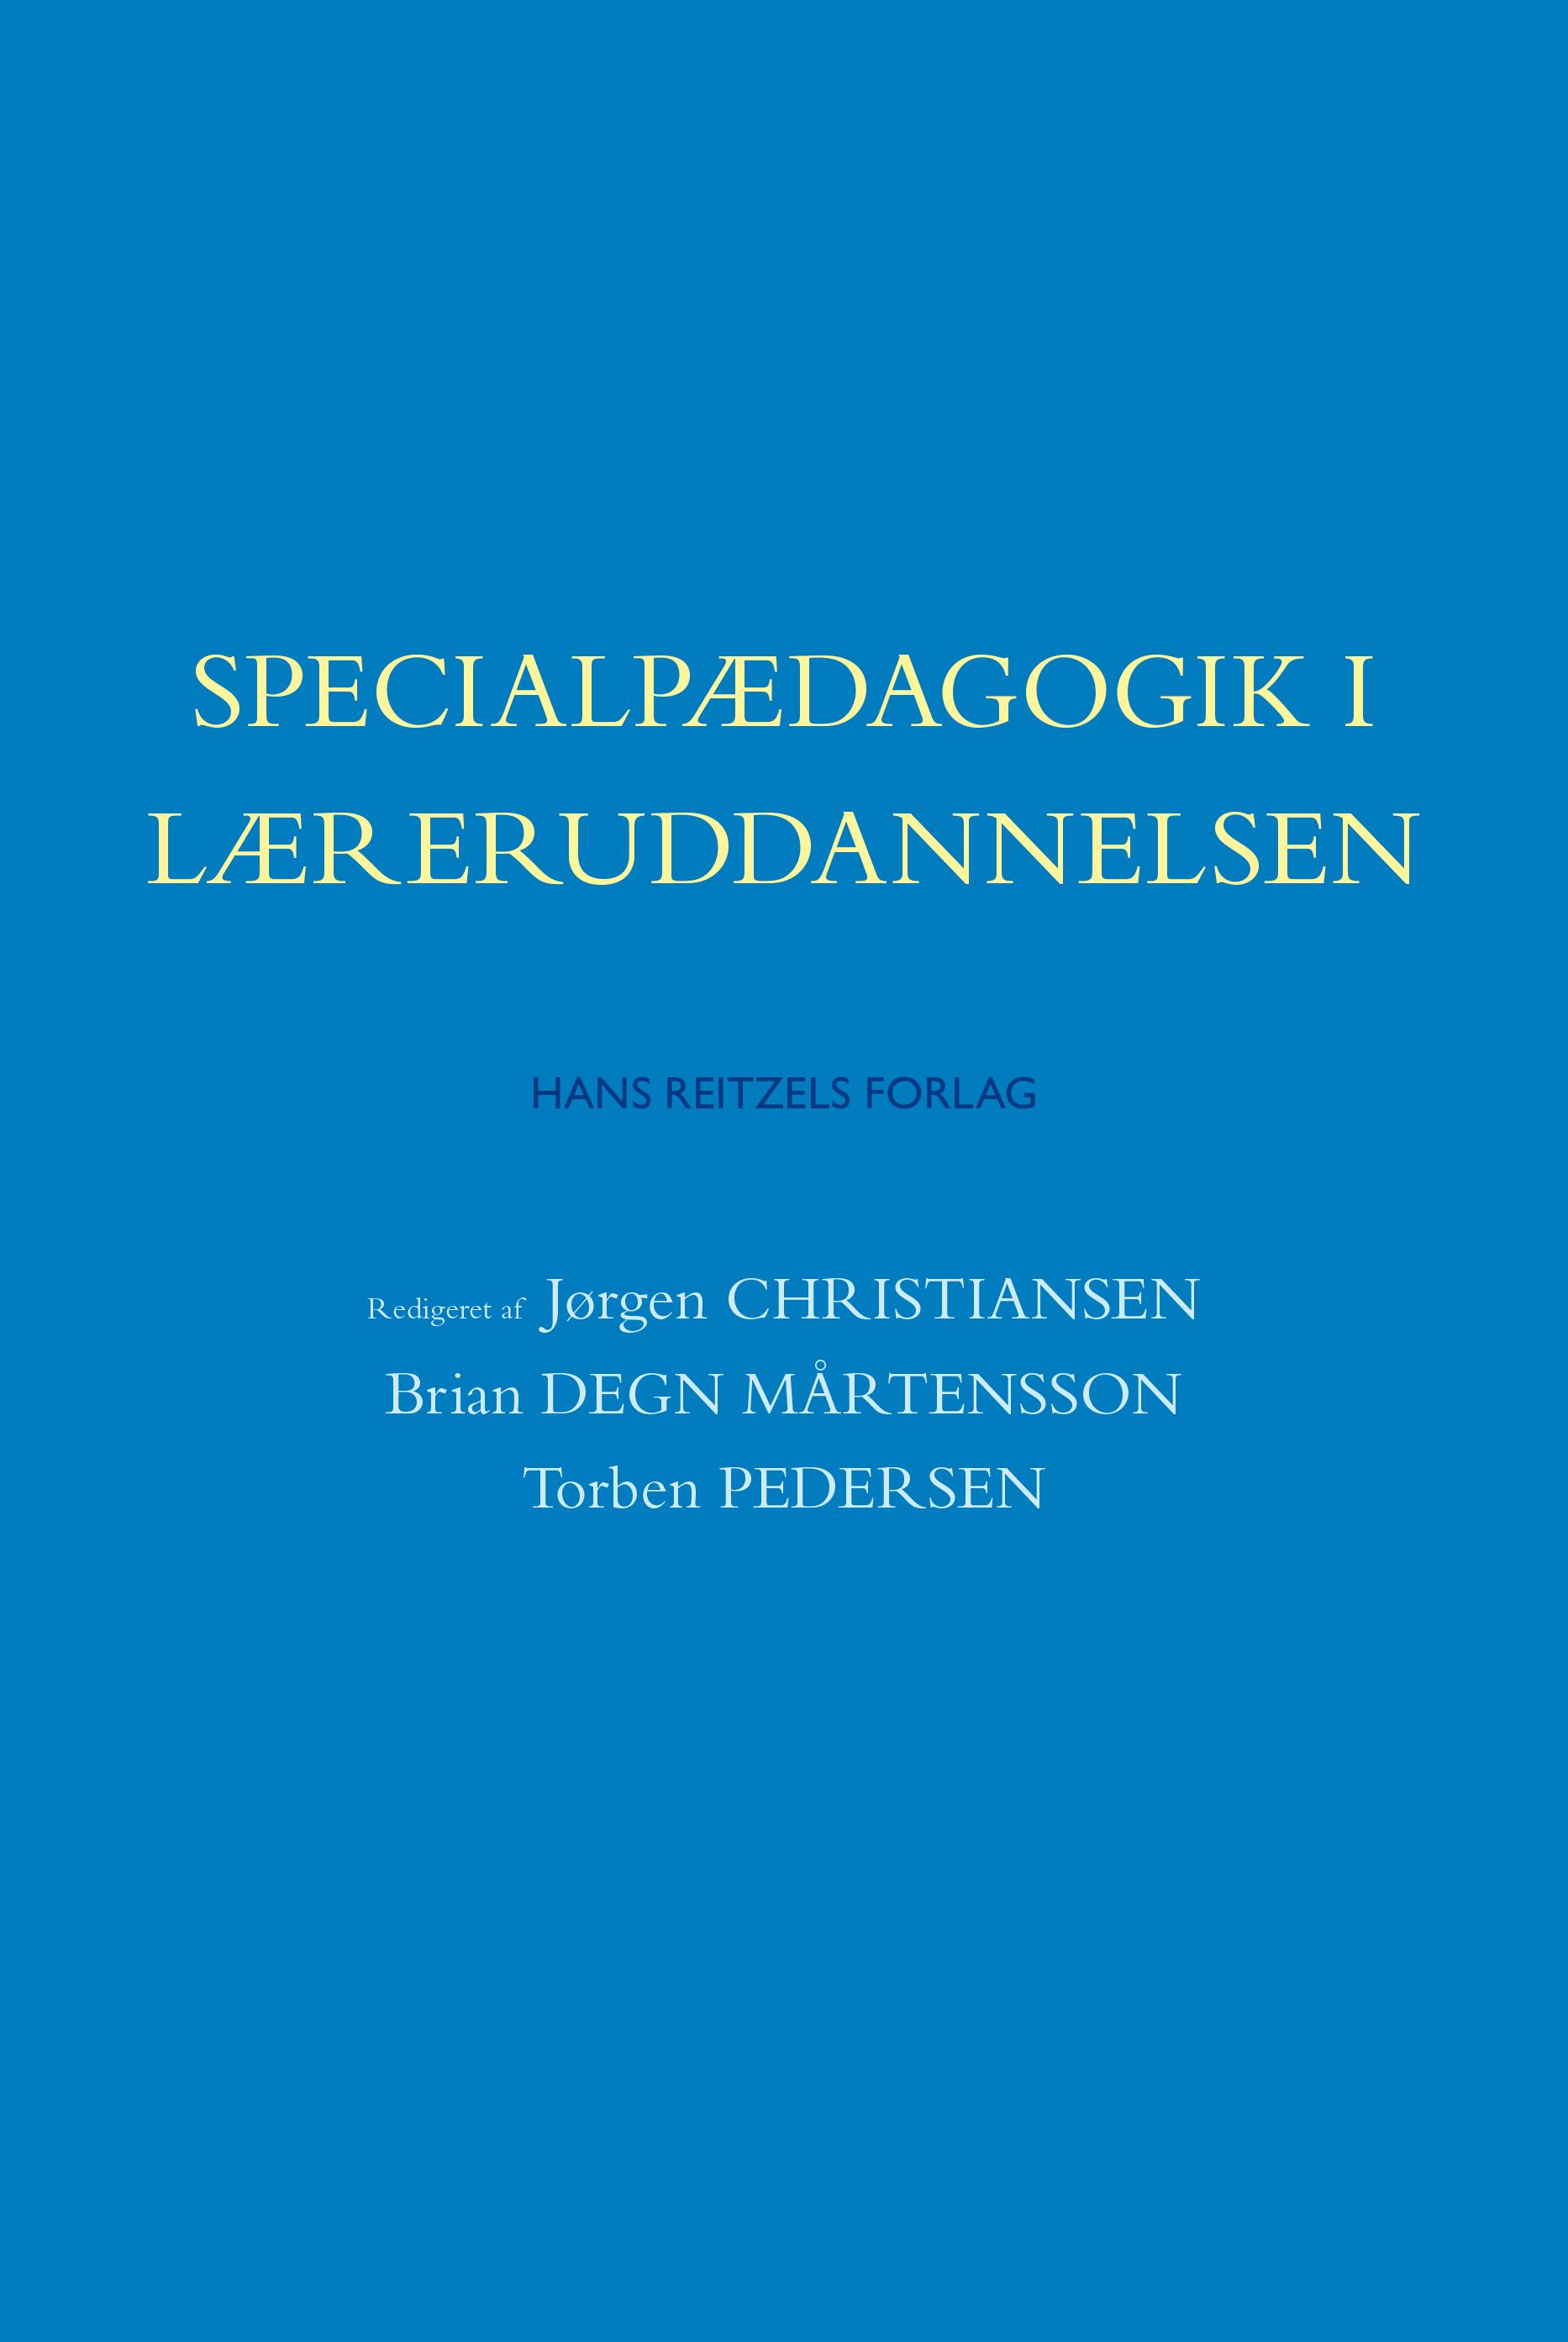 Specialpædagogik i læreruddannelsen